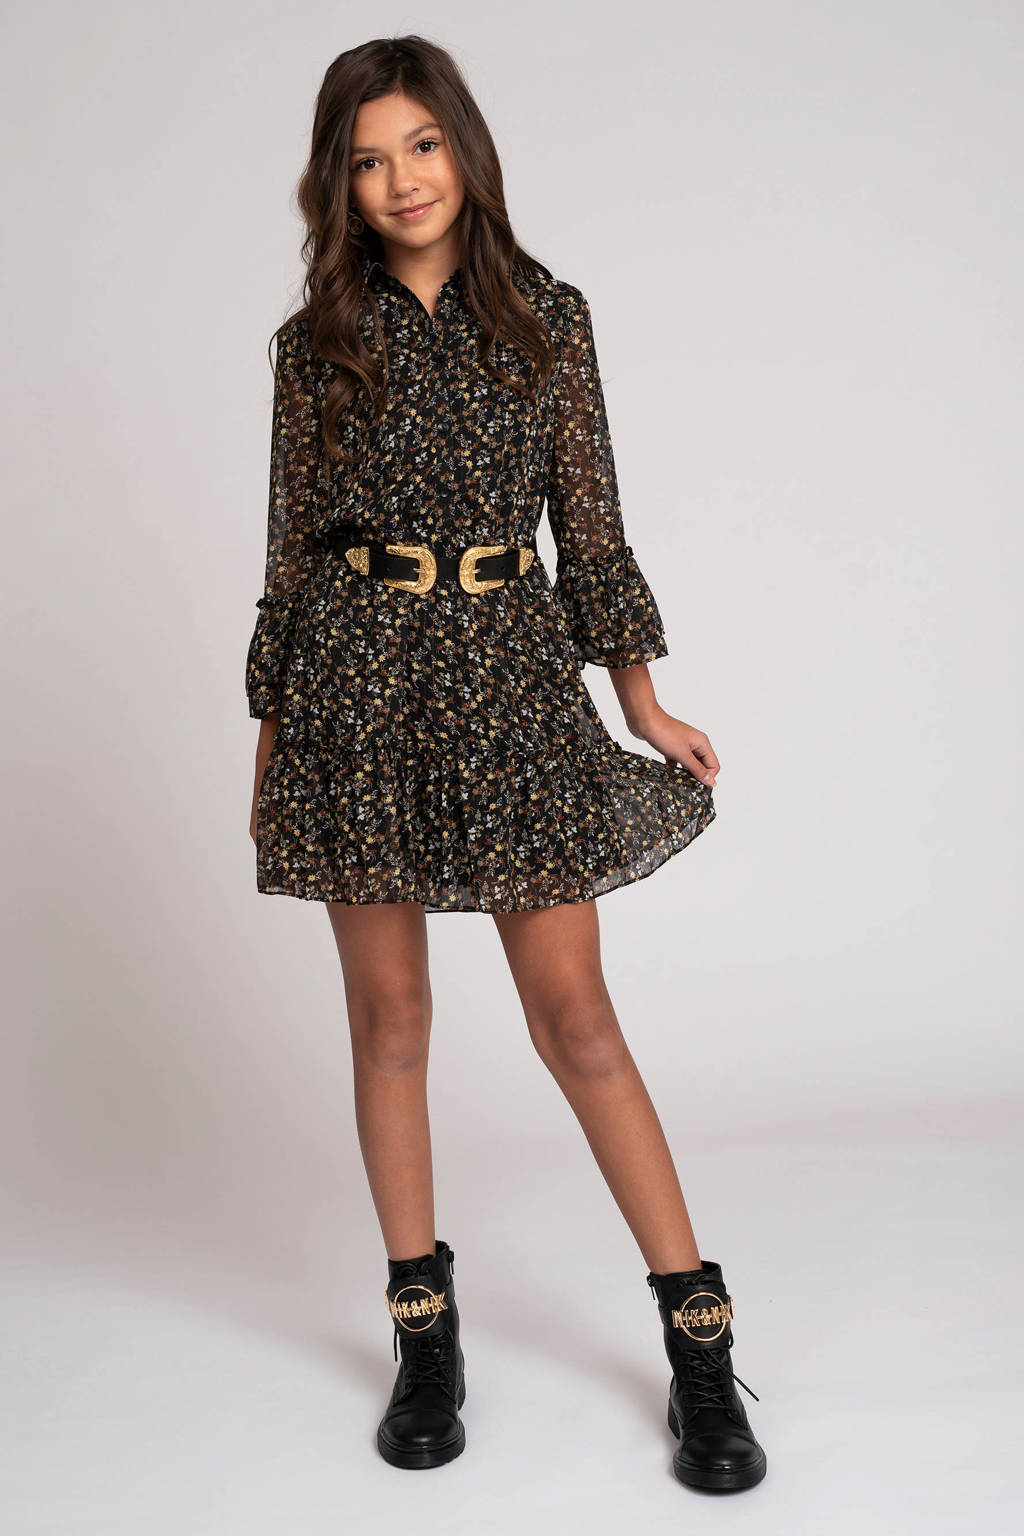 NIK&NIK gebloemde jurk Vaya zwart/geel/wit, Zwart/geel/wit